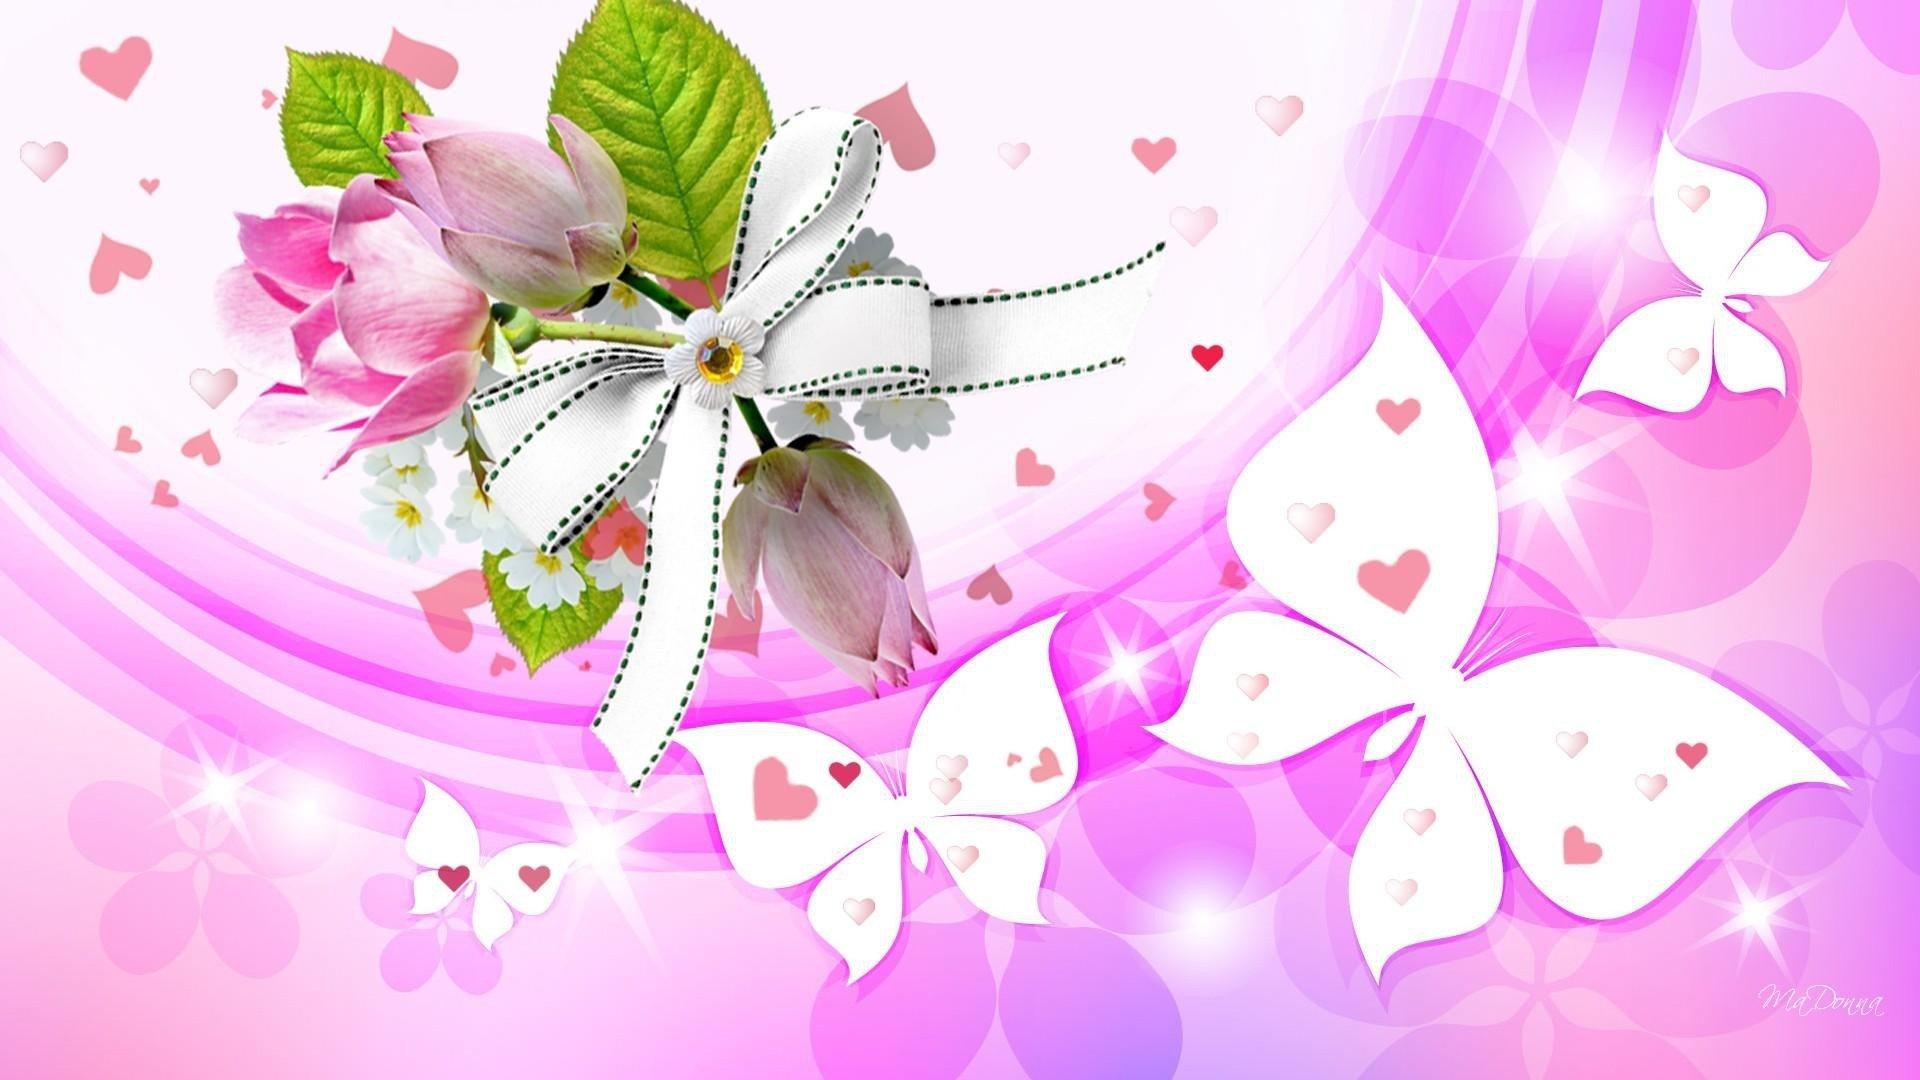 艺术 - 蝴蝶  艺术 心形 花 Pink 白色 壁纸